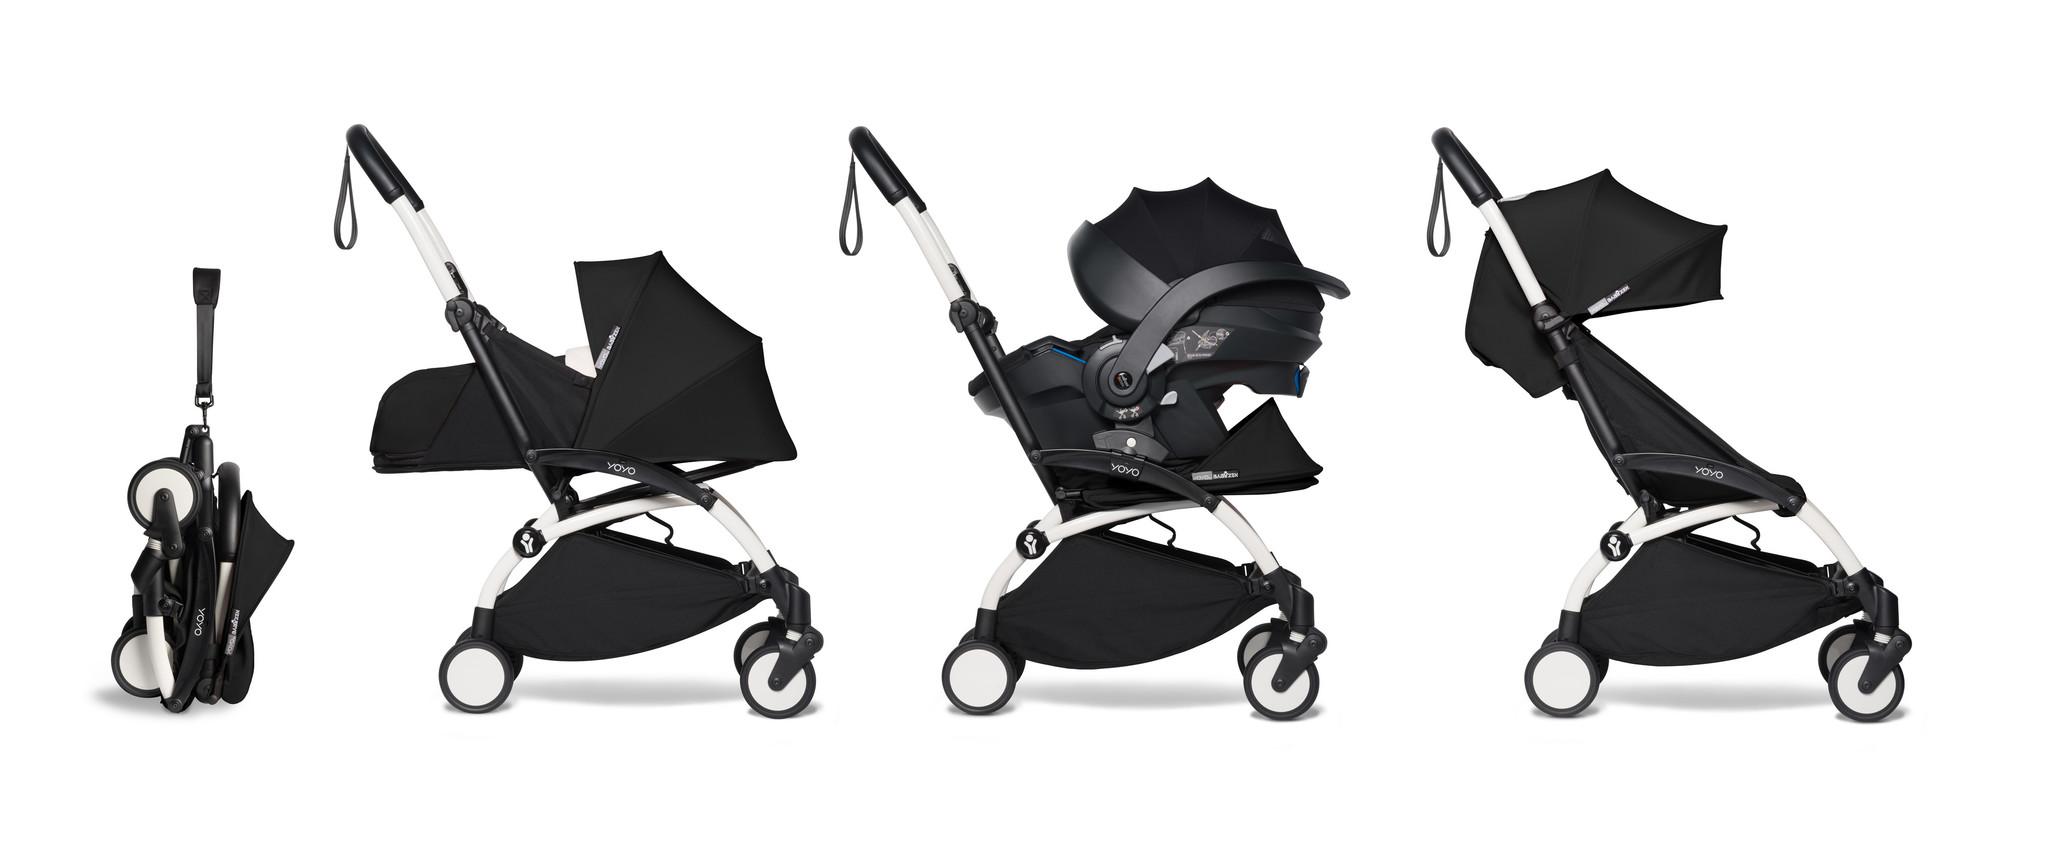 Babyzen Babyzen YOYO² Buggy VOLLSTÄNDIG von Geburt an, einschließlich YOYO² BeSafe Autositz schwarz und YOYO Bag - schwarz mit Rahmen weiß